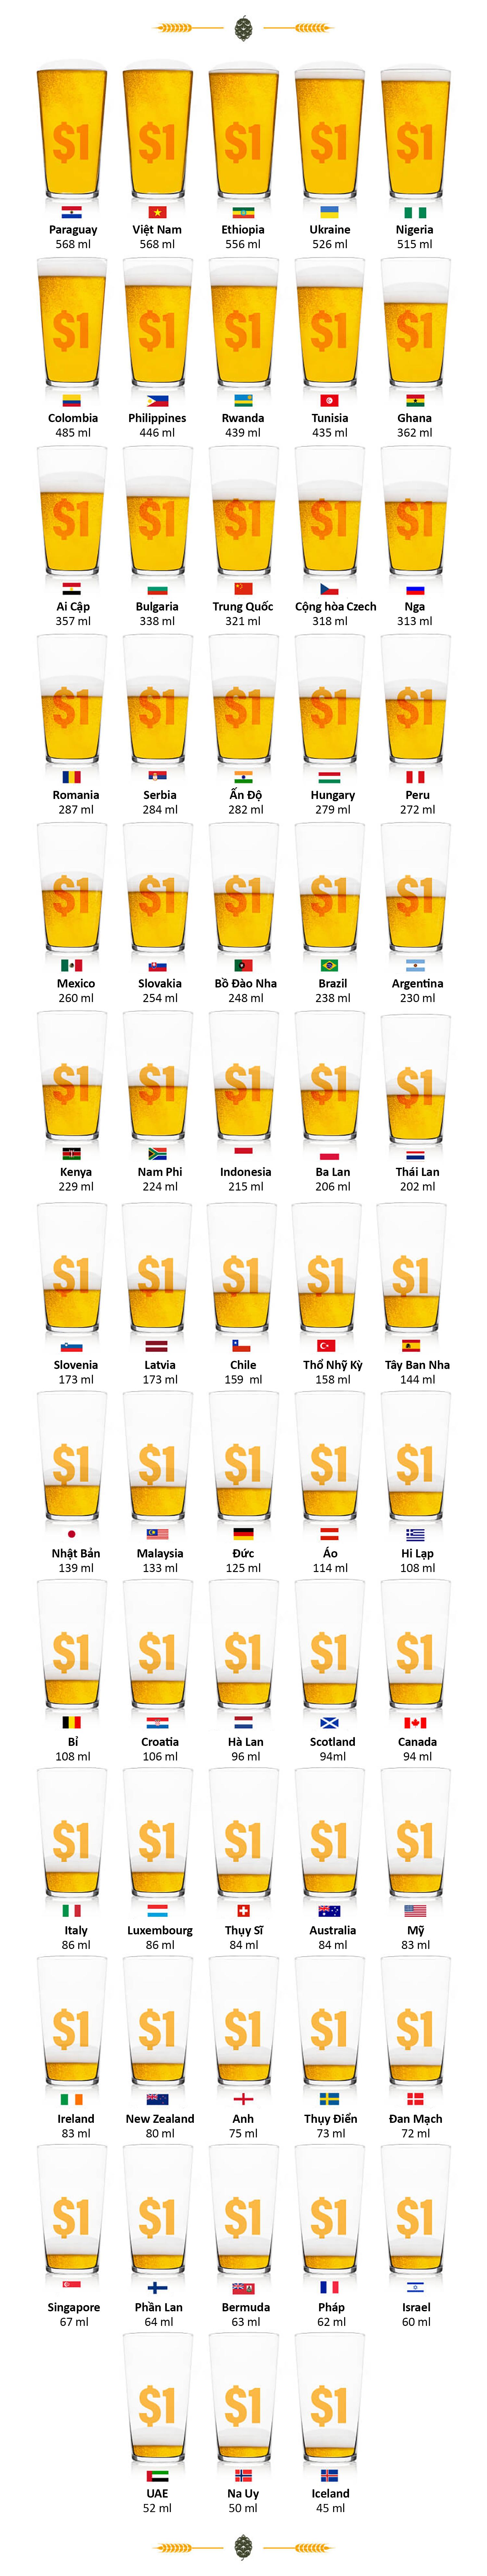 Một USD có thể mua bao nhiêu bia khi du lịch các nước?